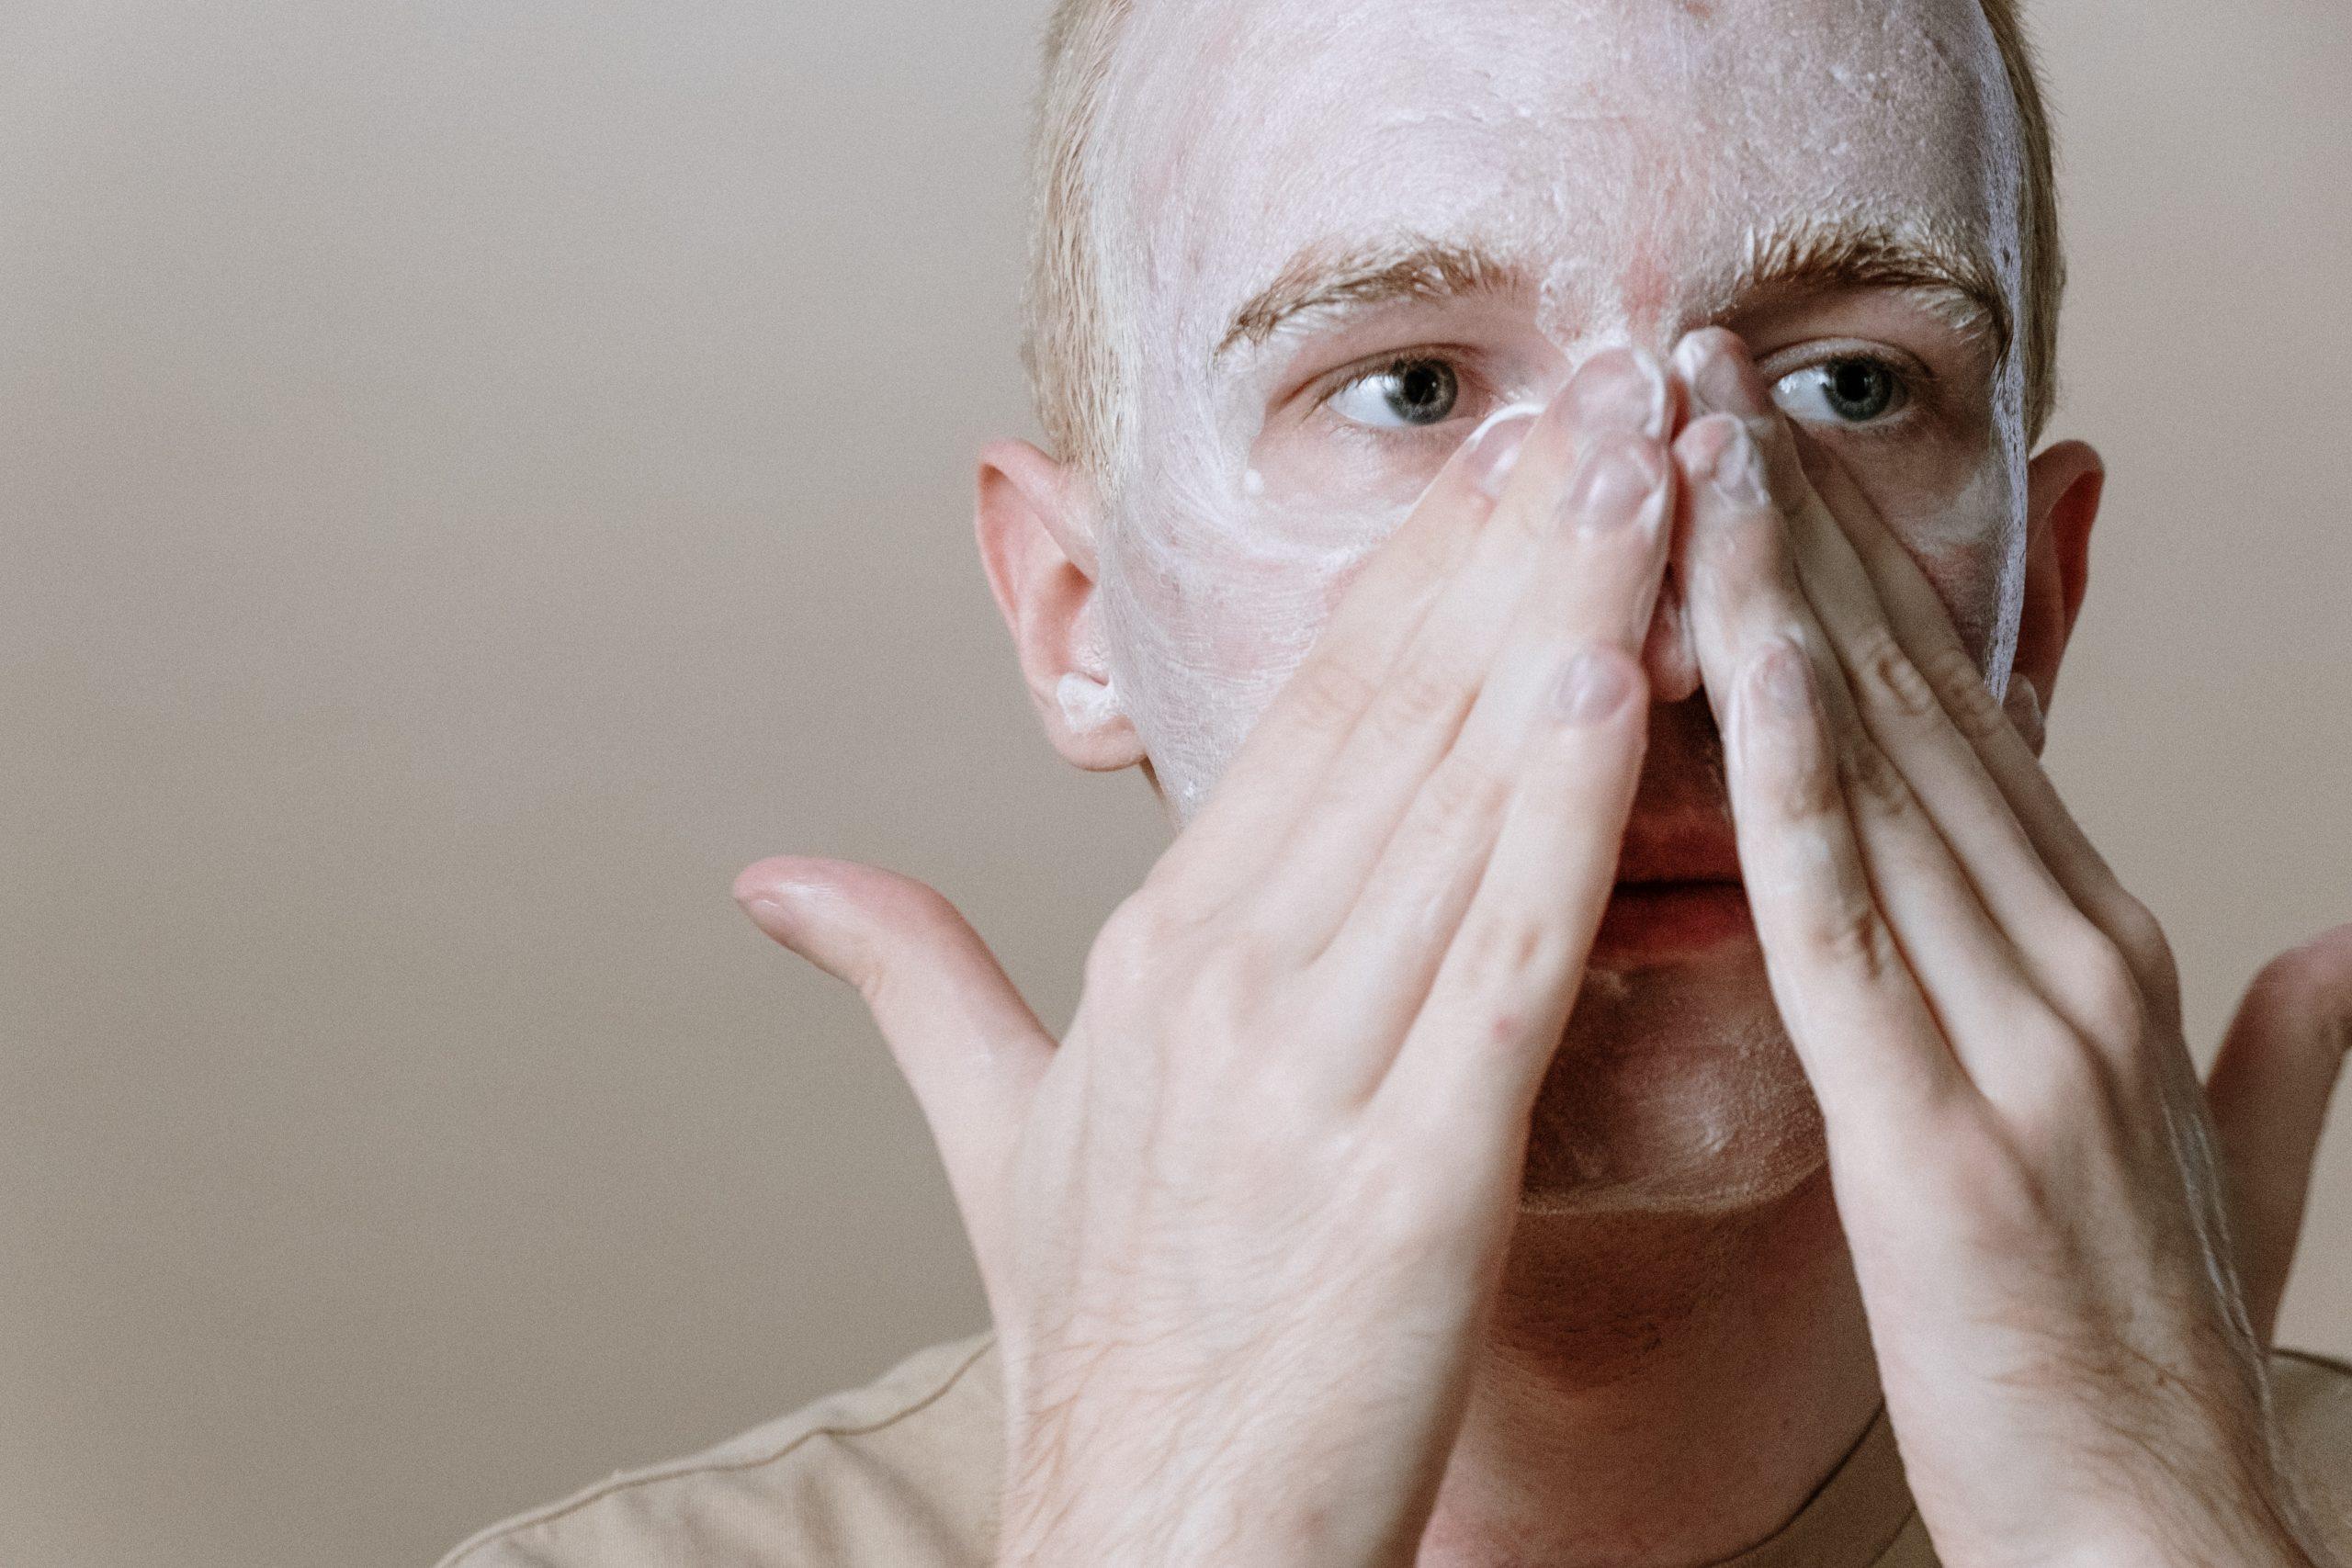 Huidverzorgingstips voor mannen - De essentiële routine die elke man moet kennen